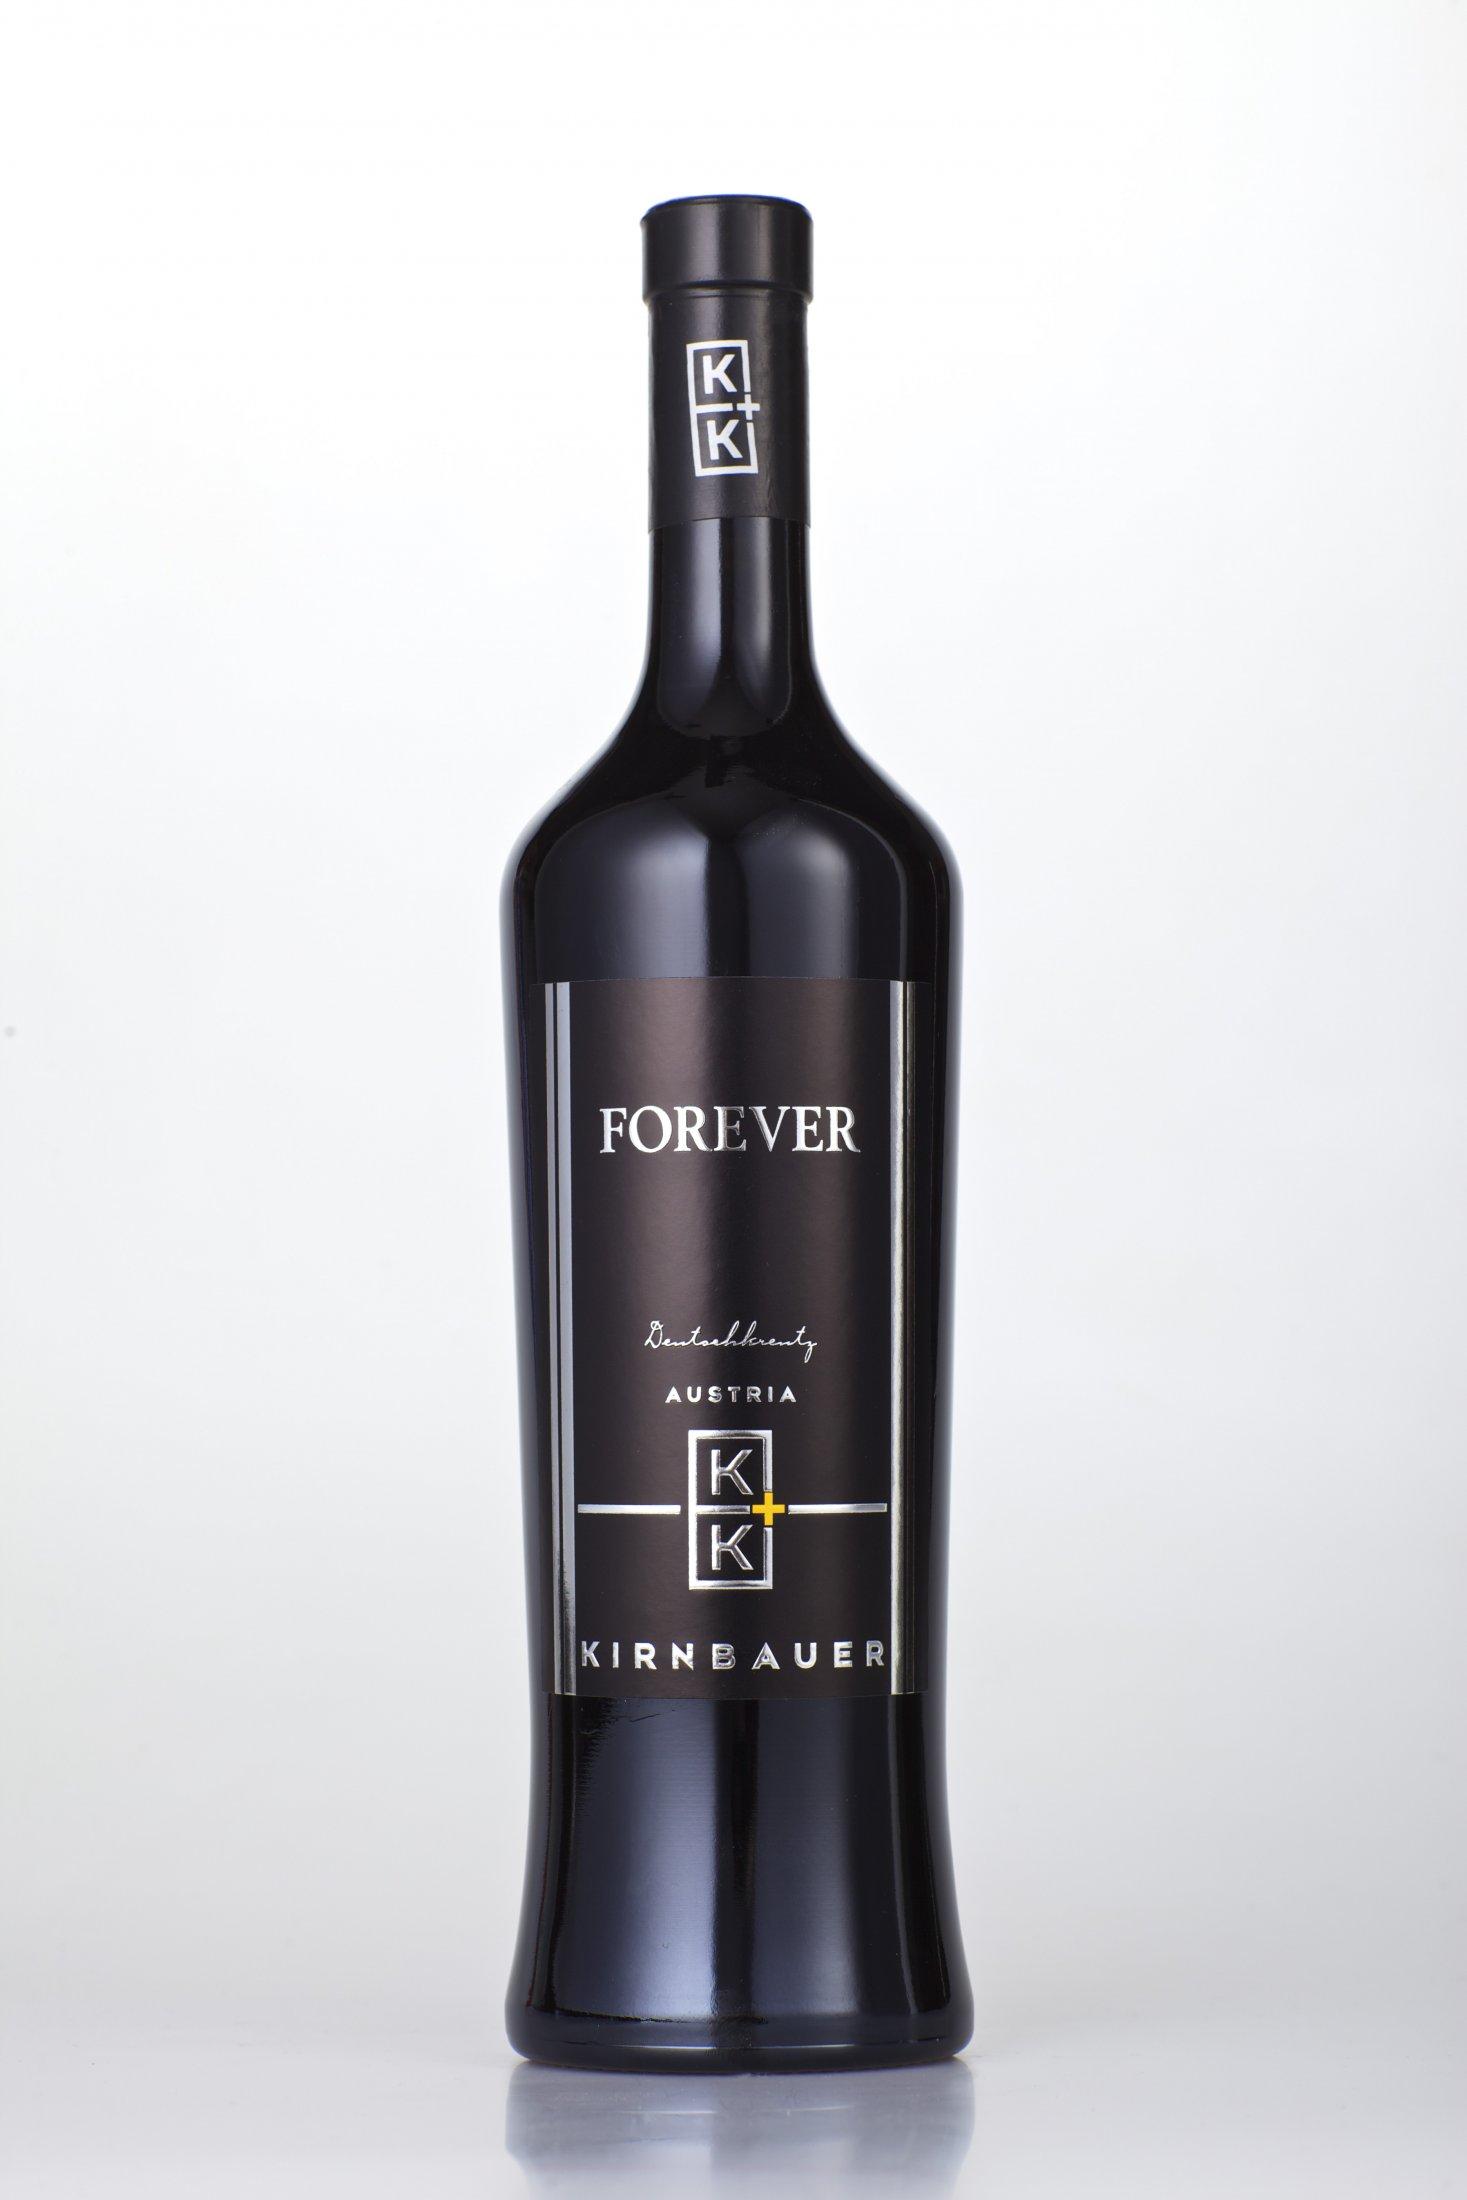 KK Forever